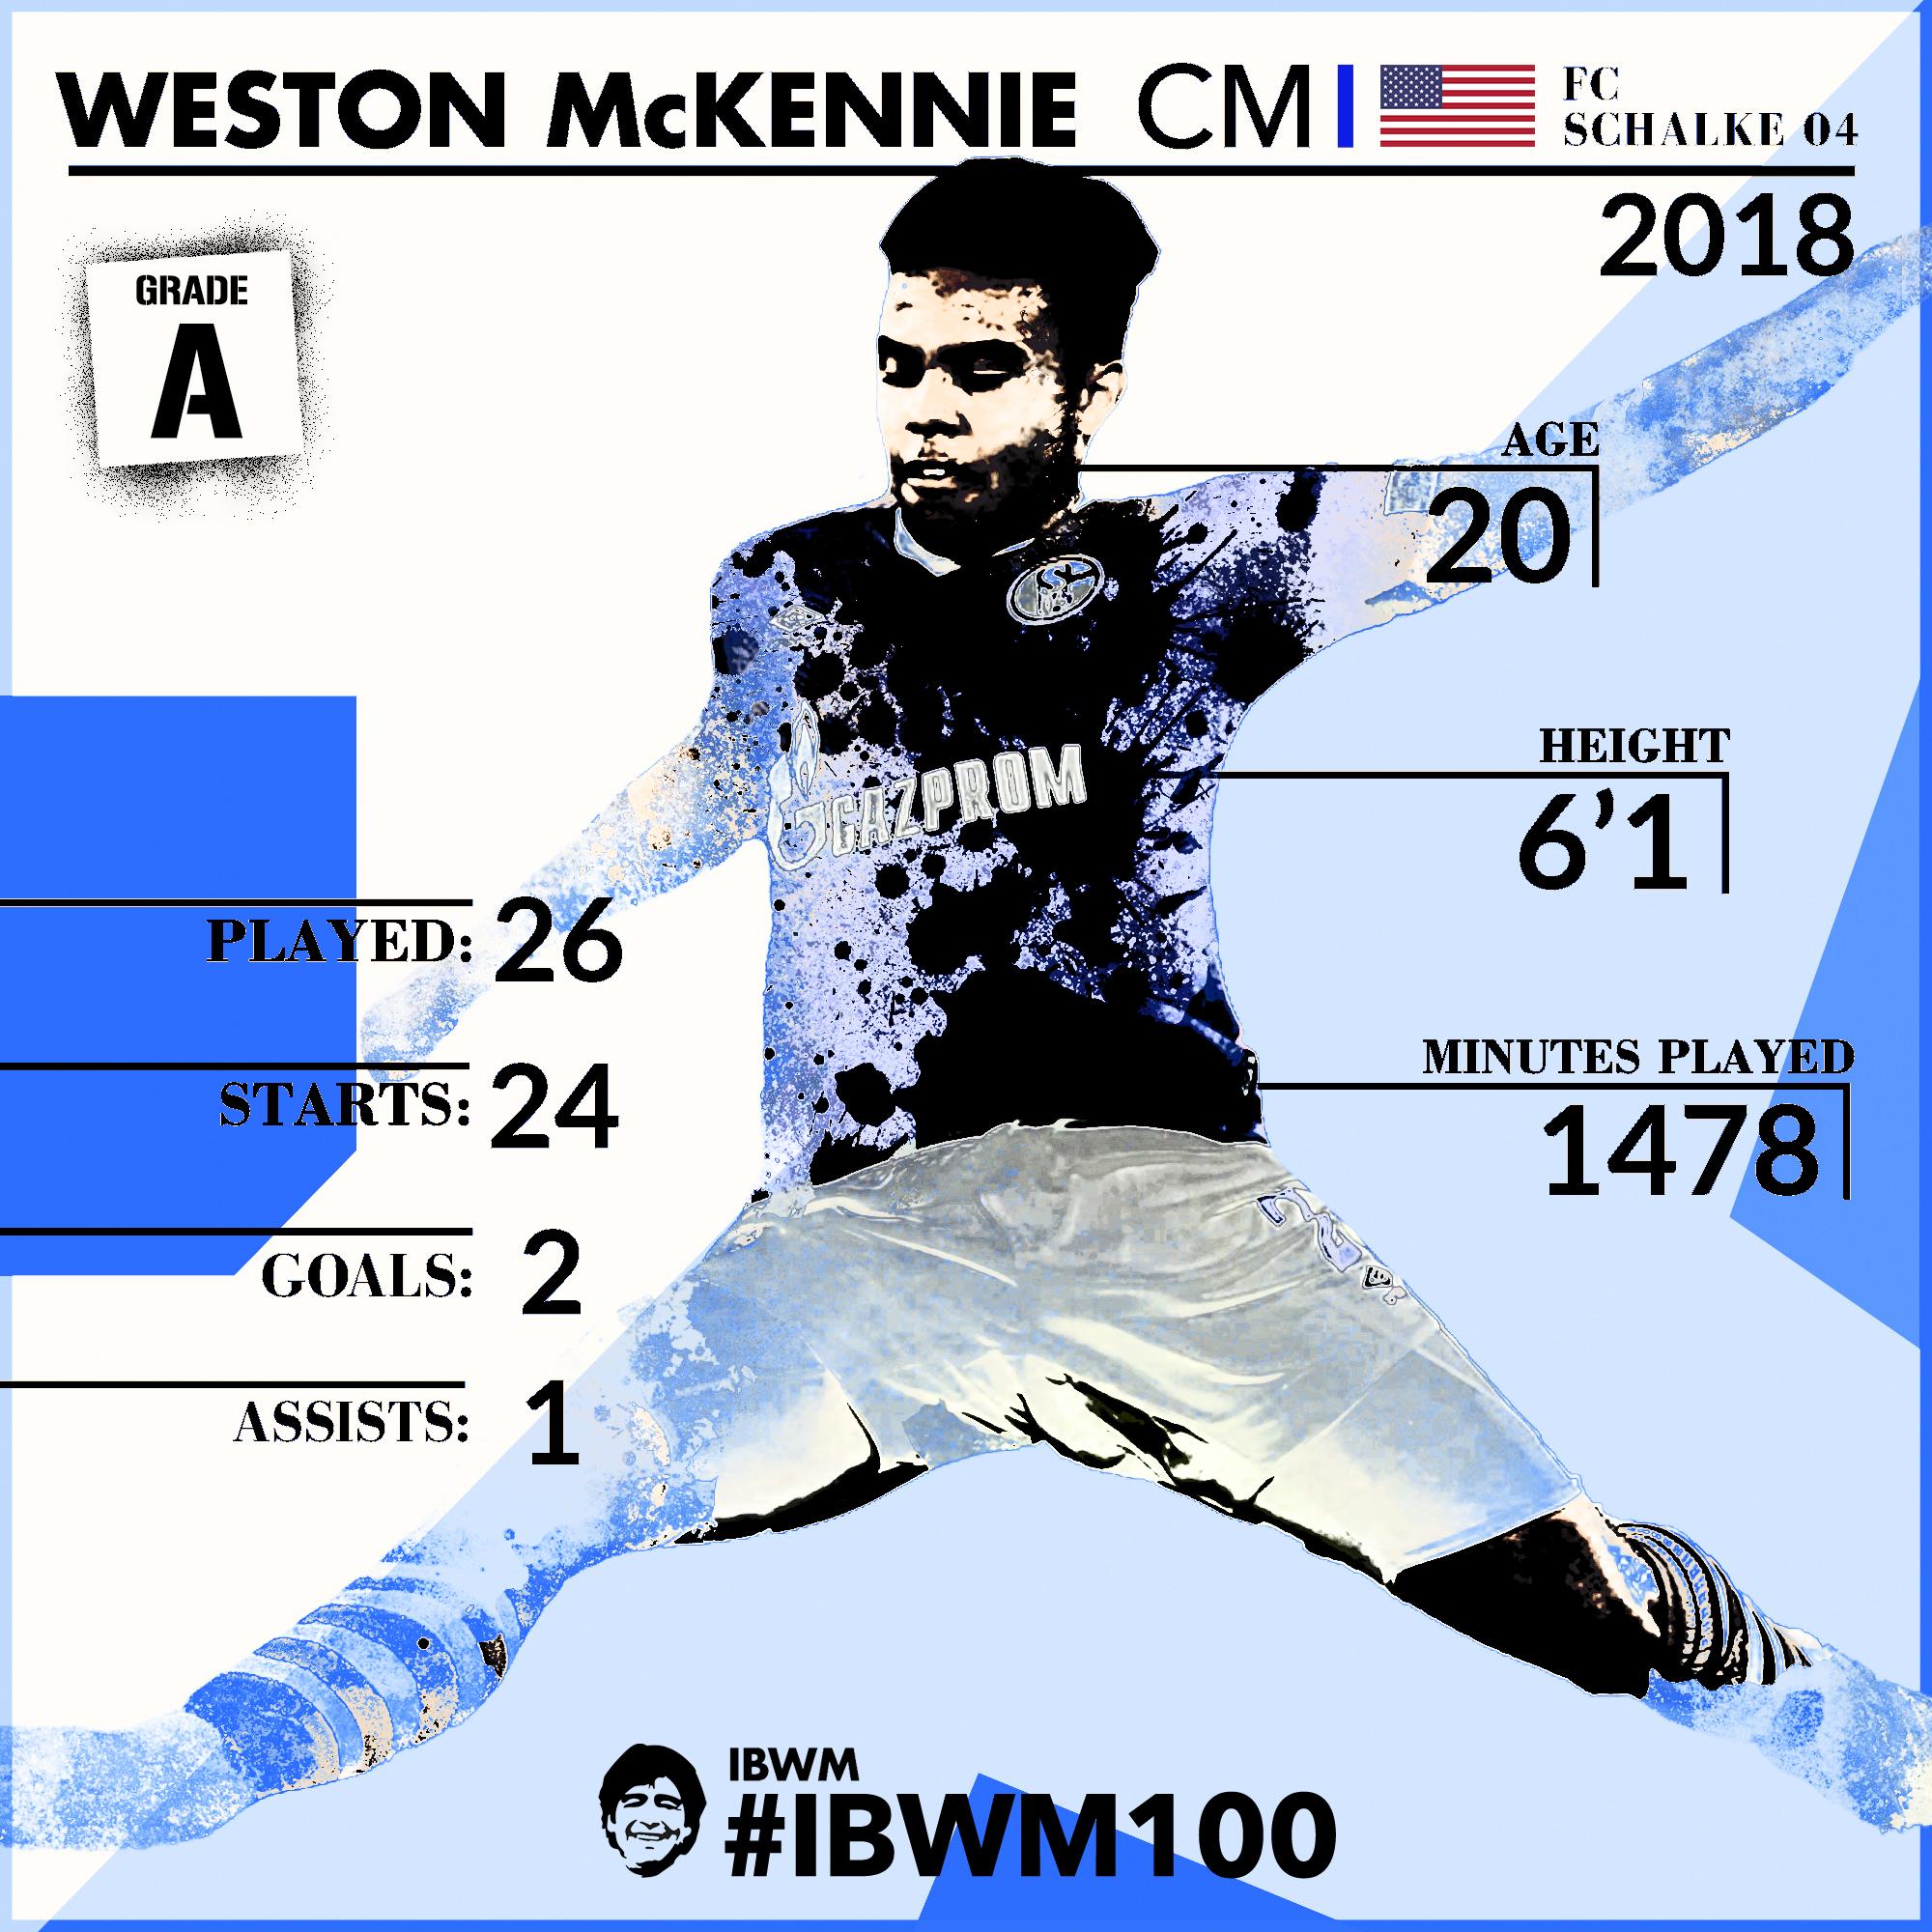 IBWM - Weston McKennie.jpg